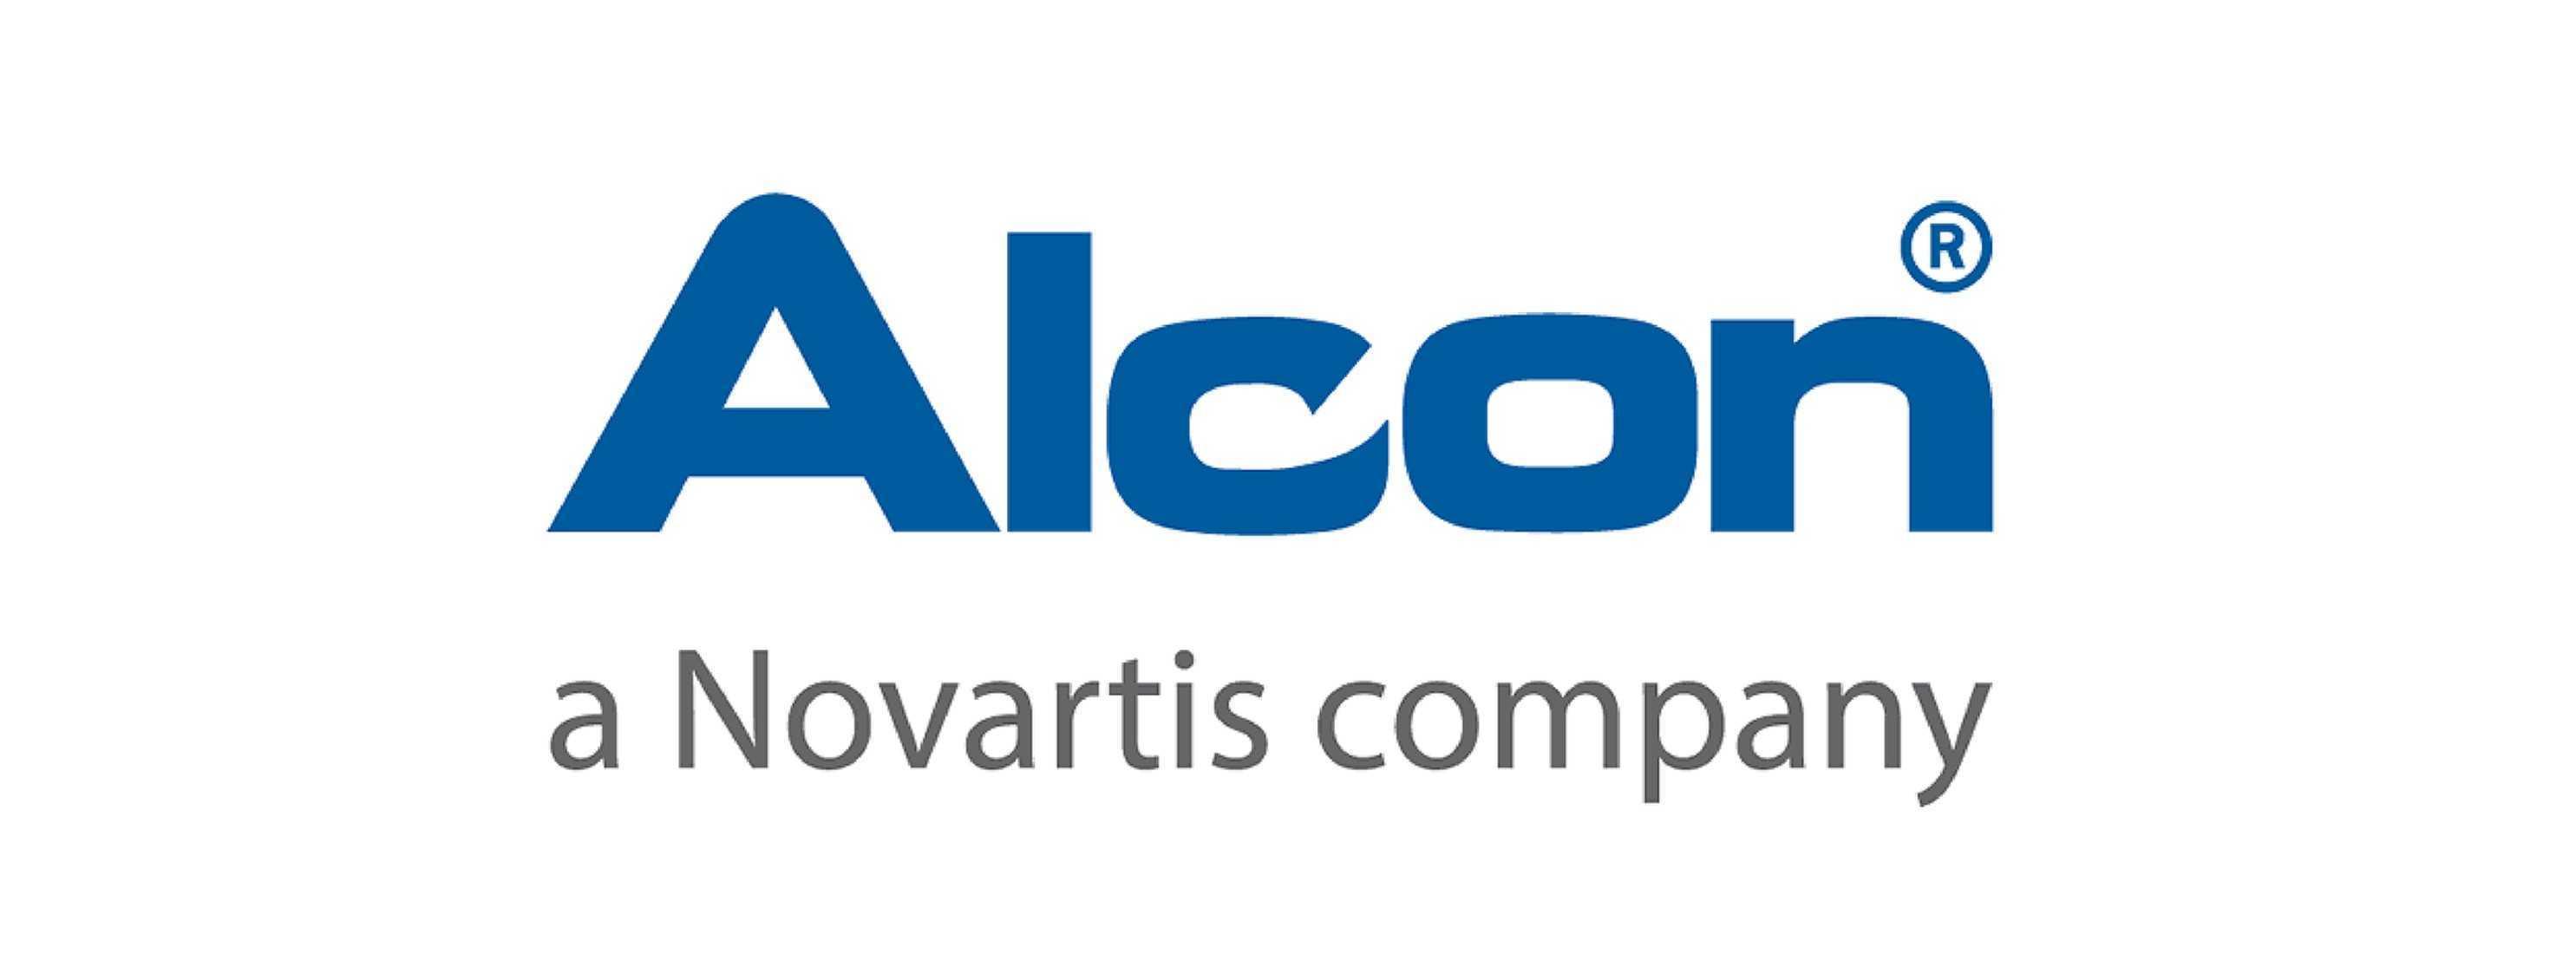 Contact Lenses: Alcon